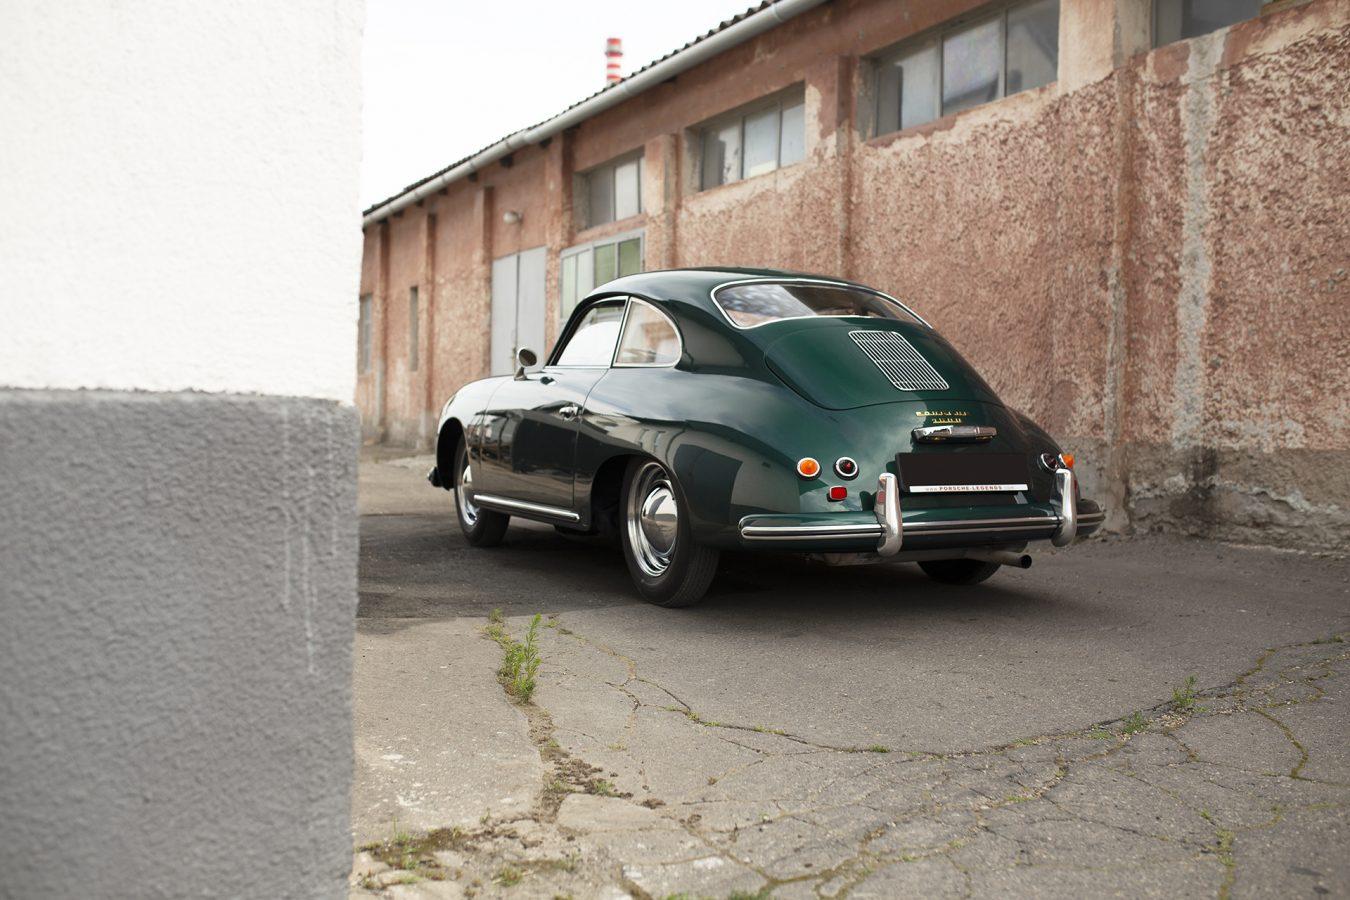 Lagogrüner Porsche 356 von hinten